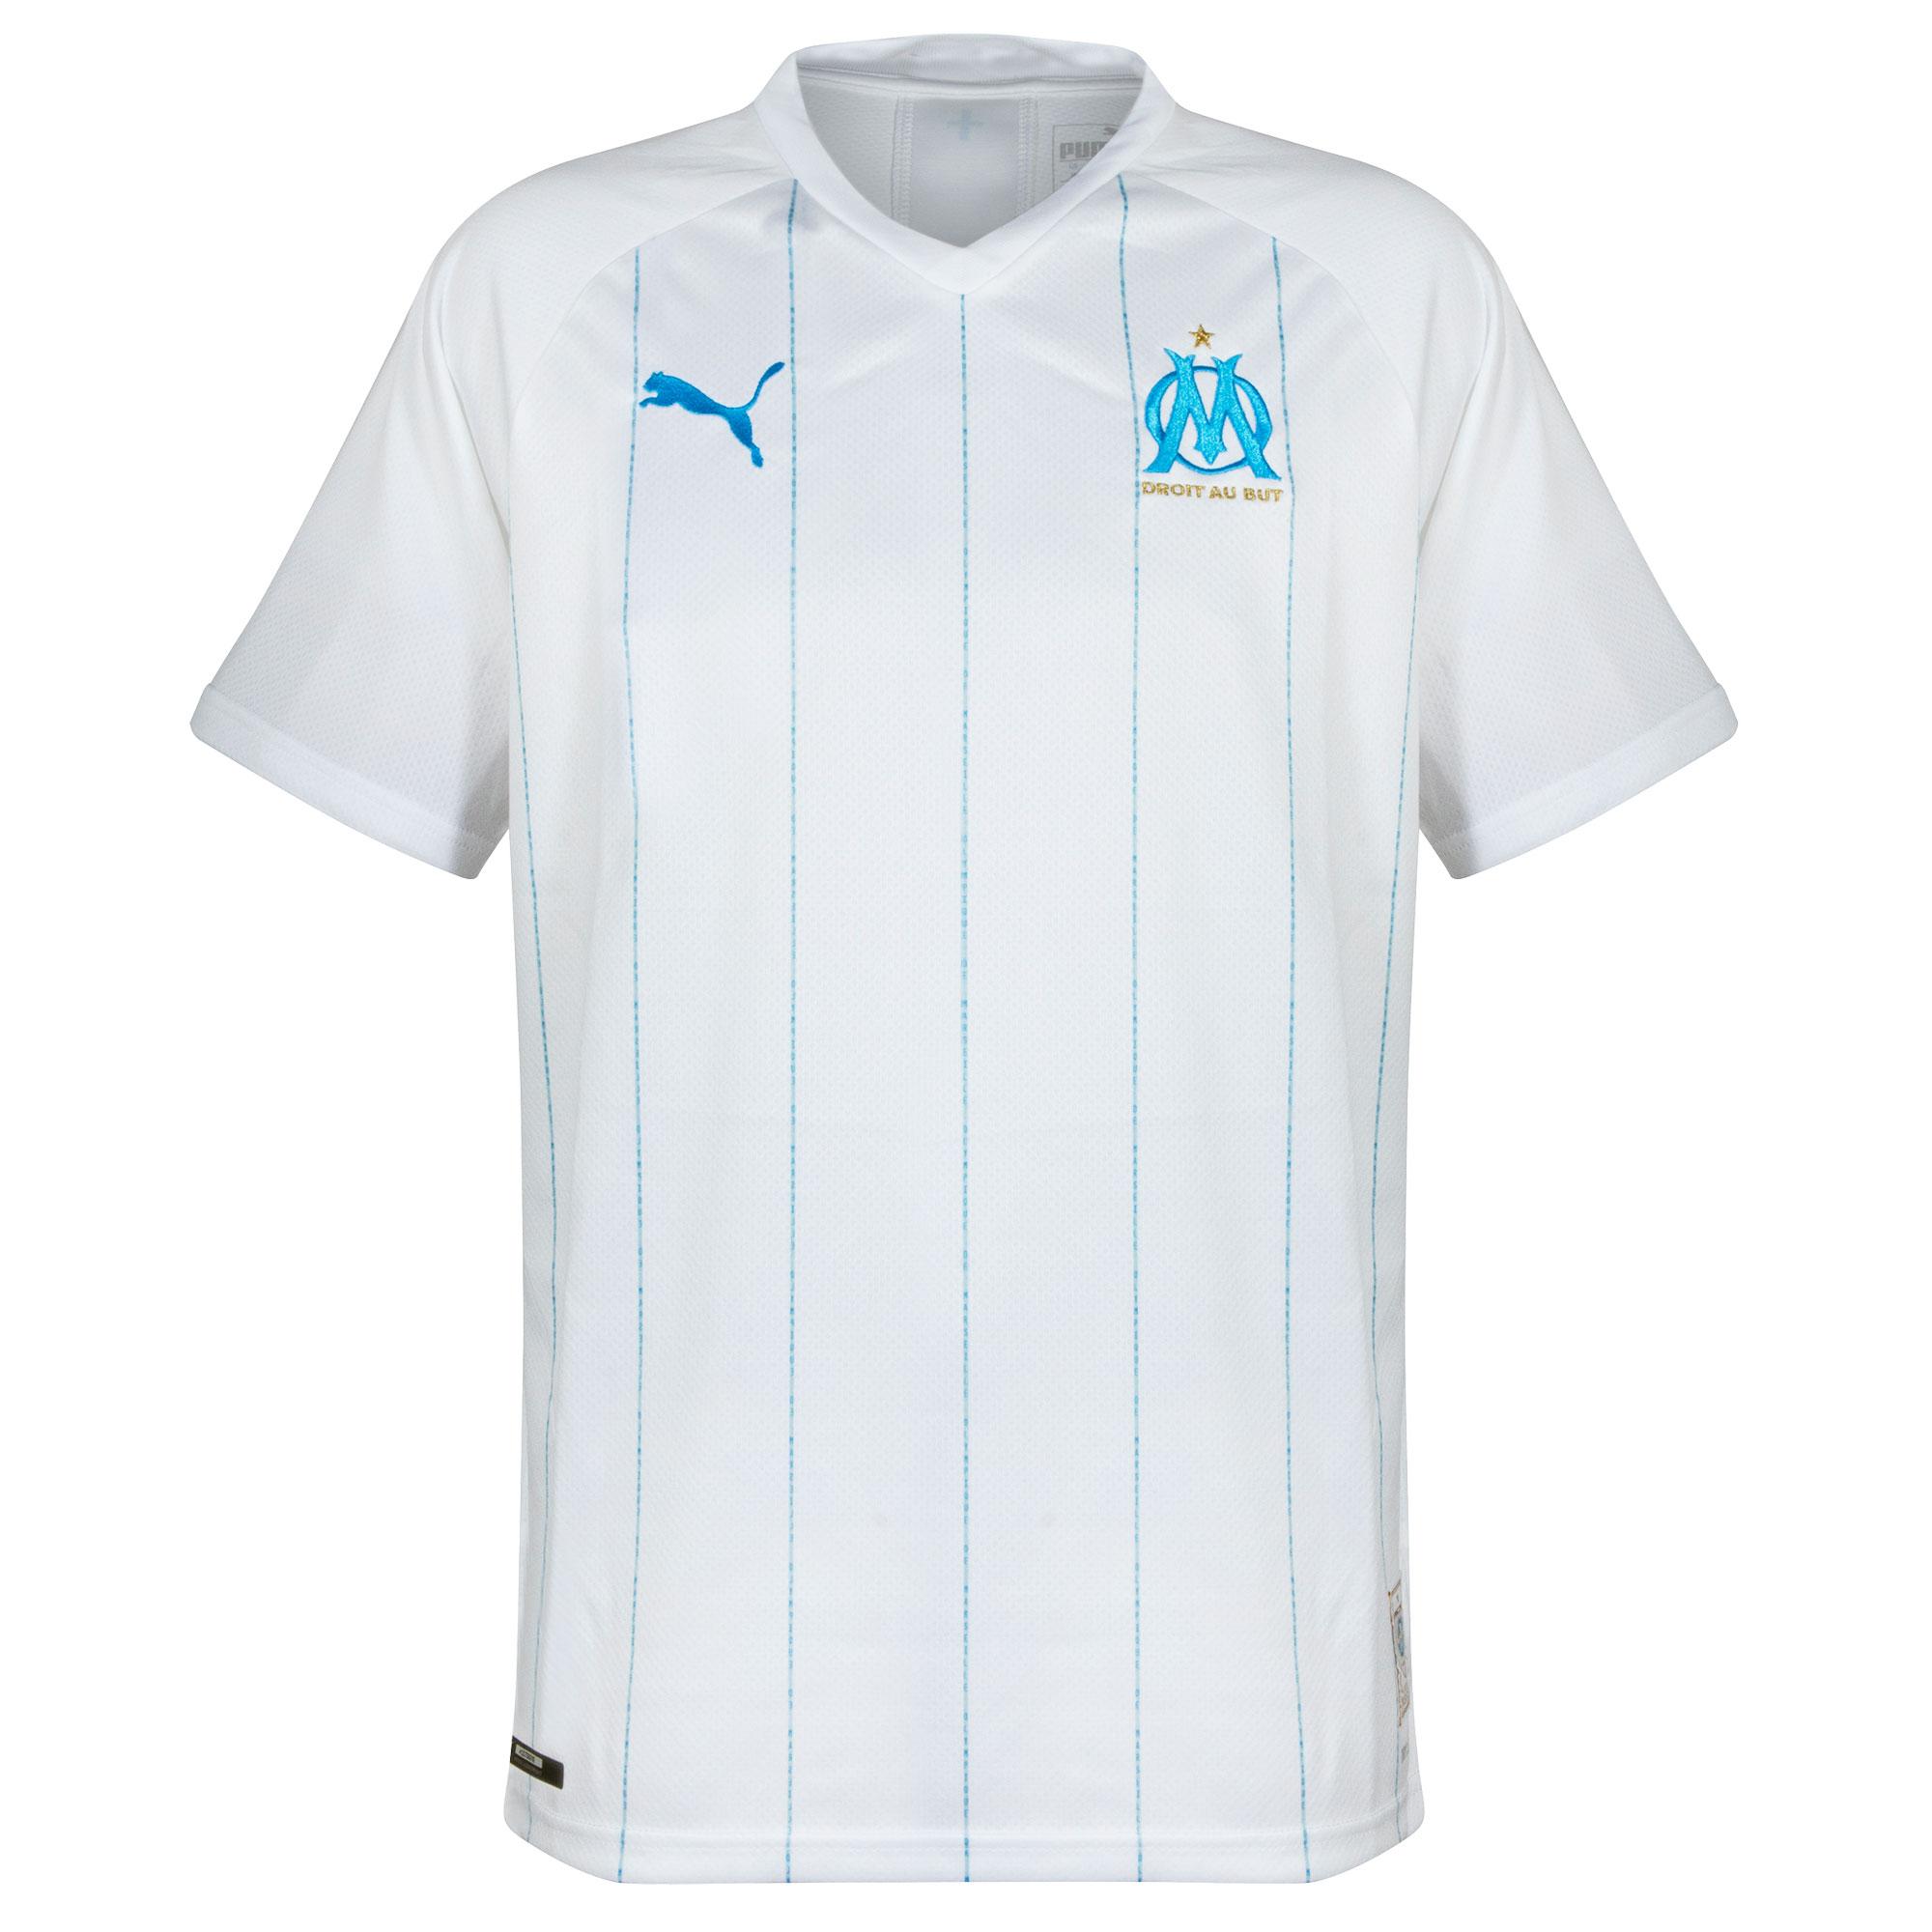 Puma Olympique Marseille Home Shirt 2019-2020